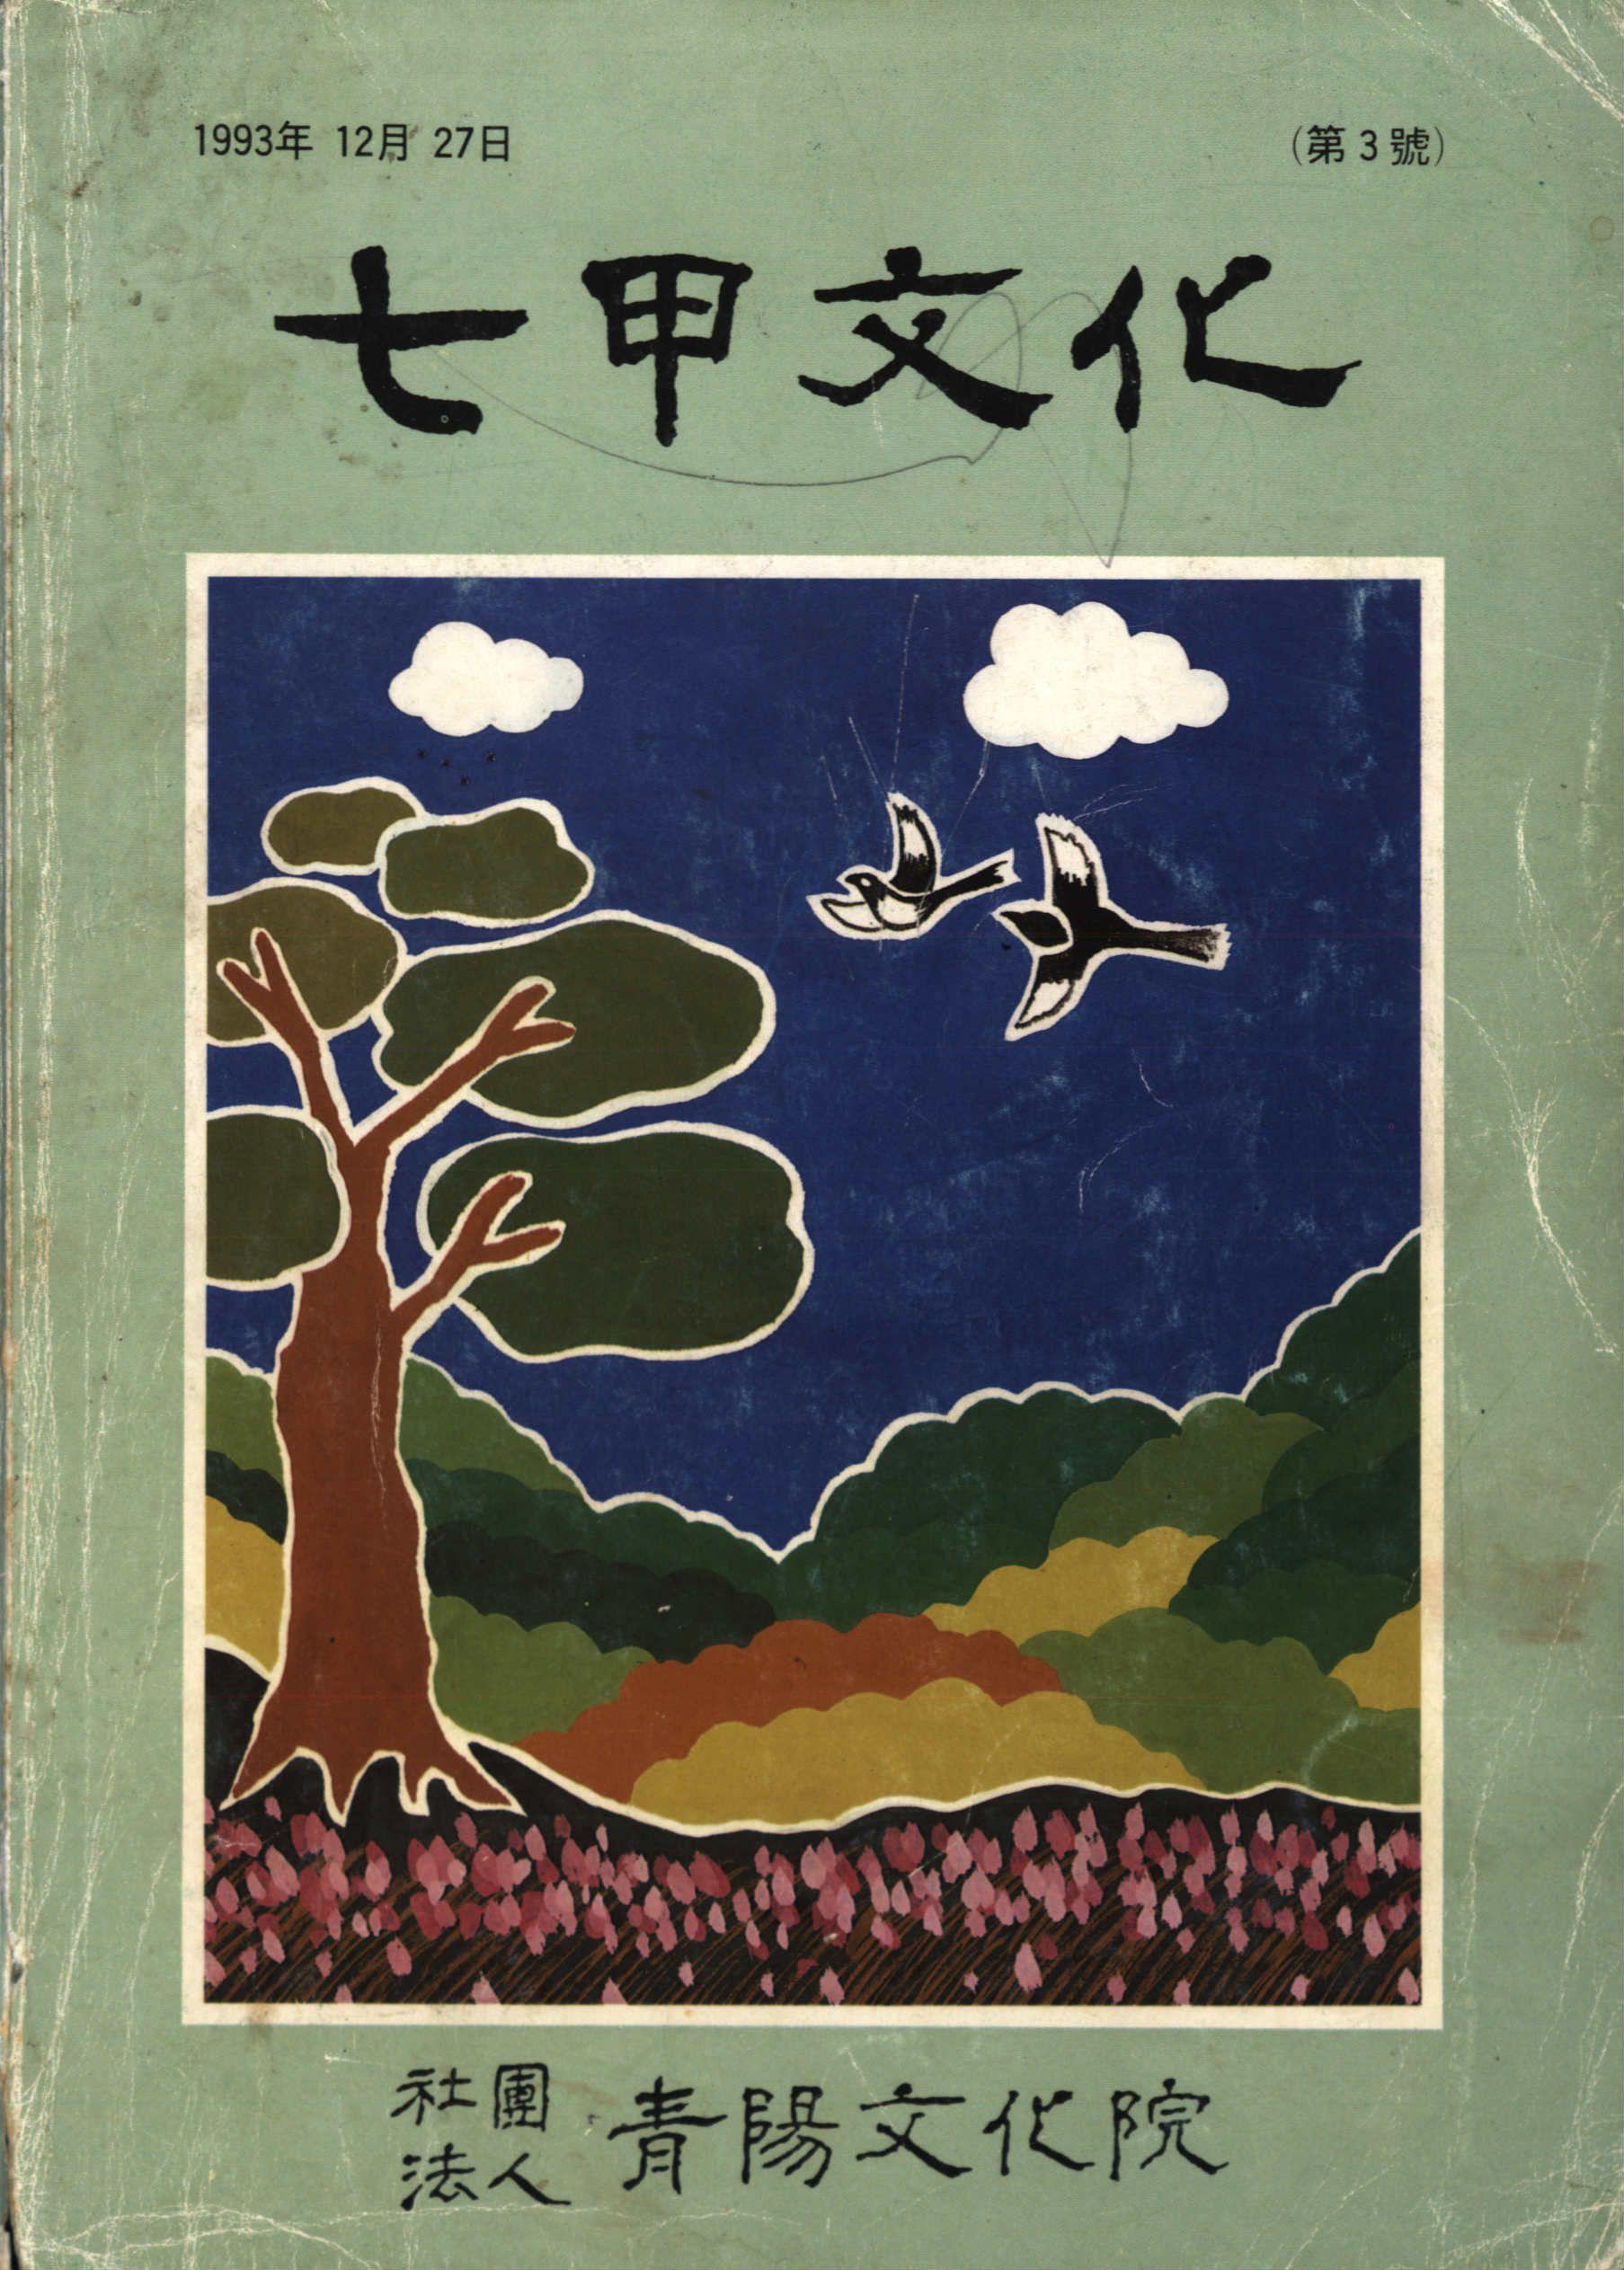 七甲文化 (칠갑문화) 제3호